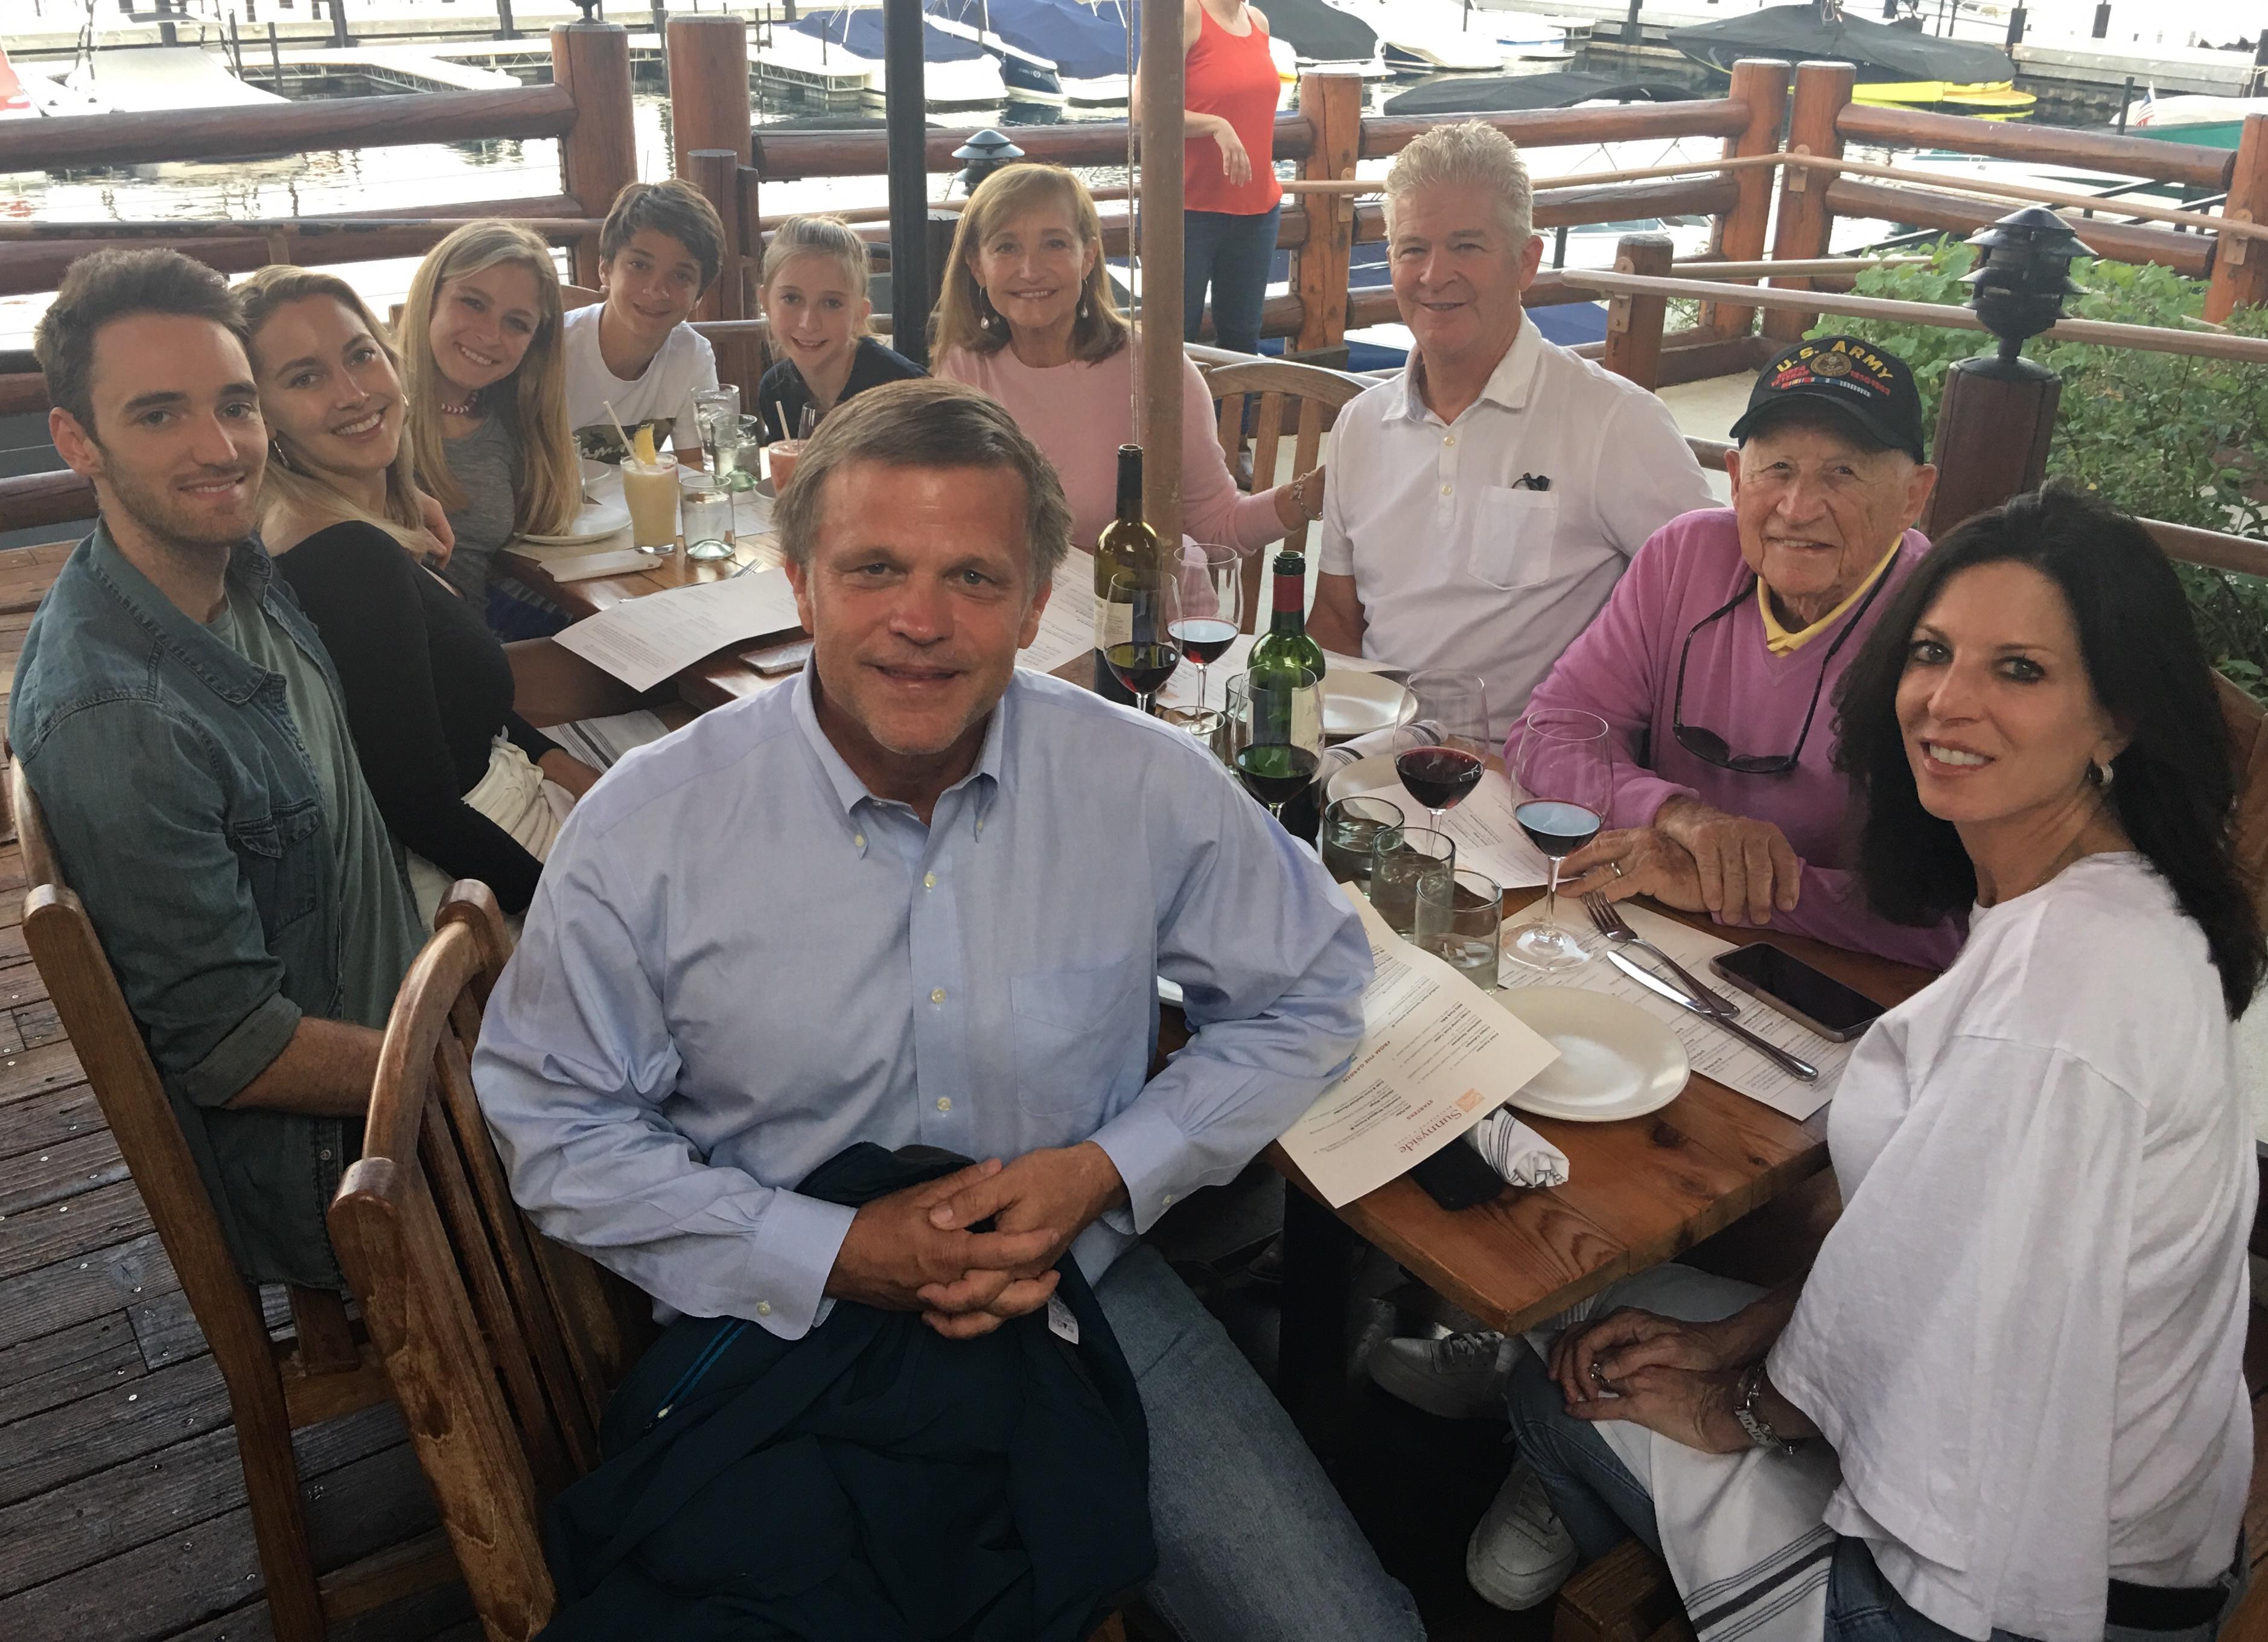 Lake Tahoe 2018 Douglas Brinkley family